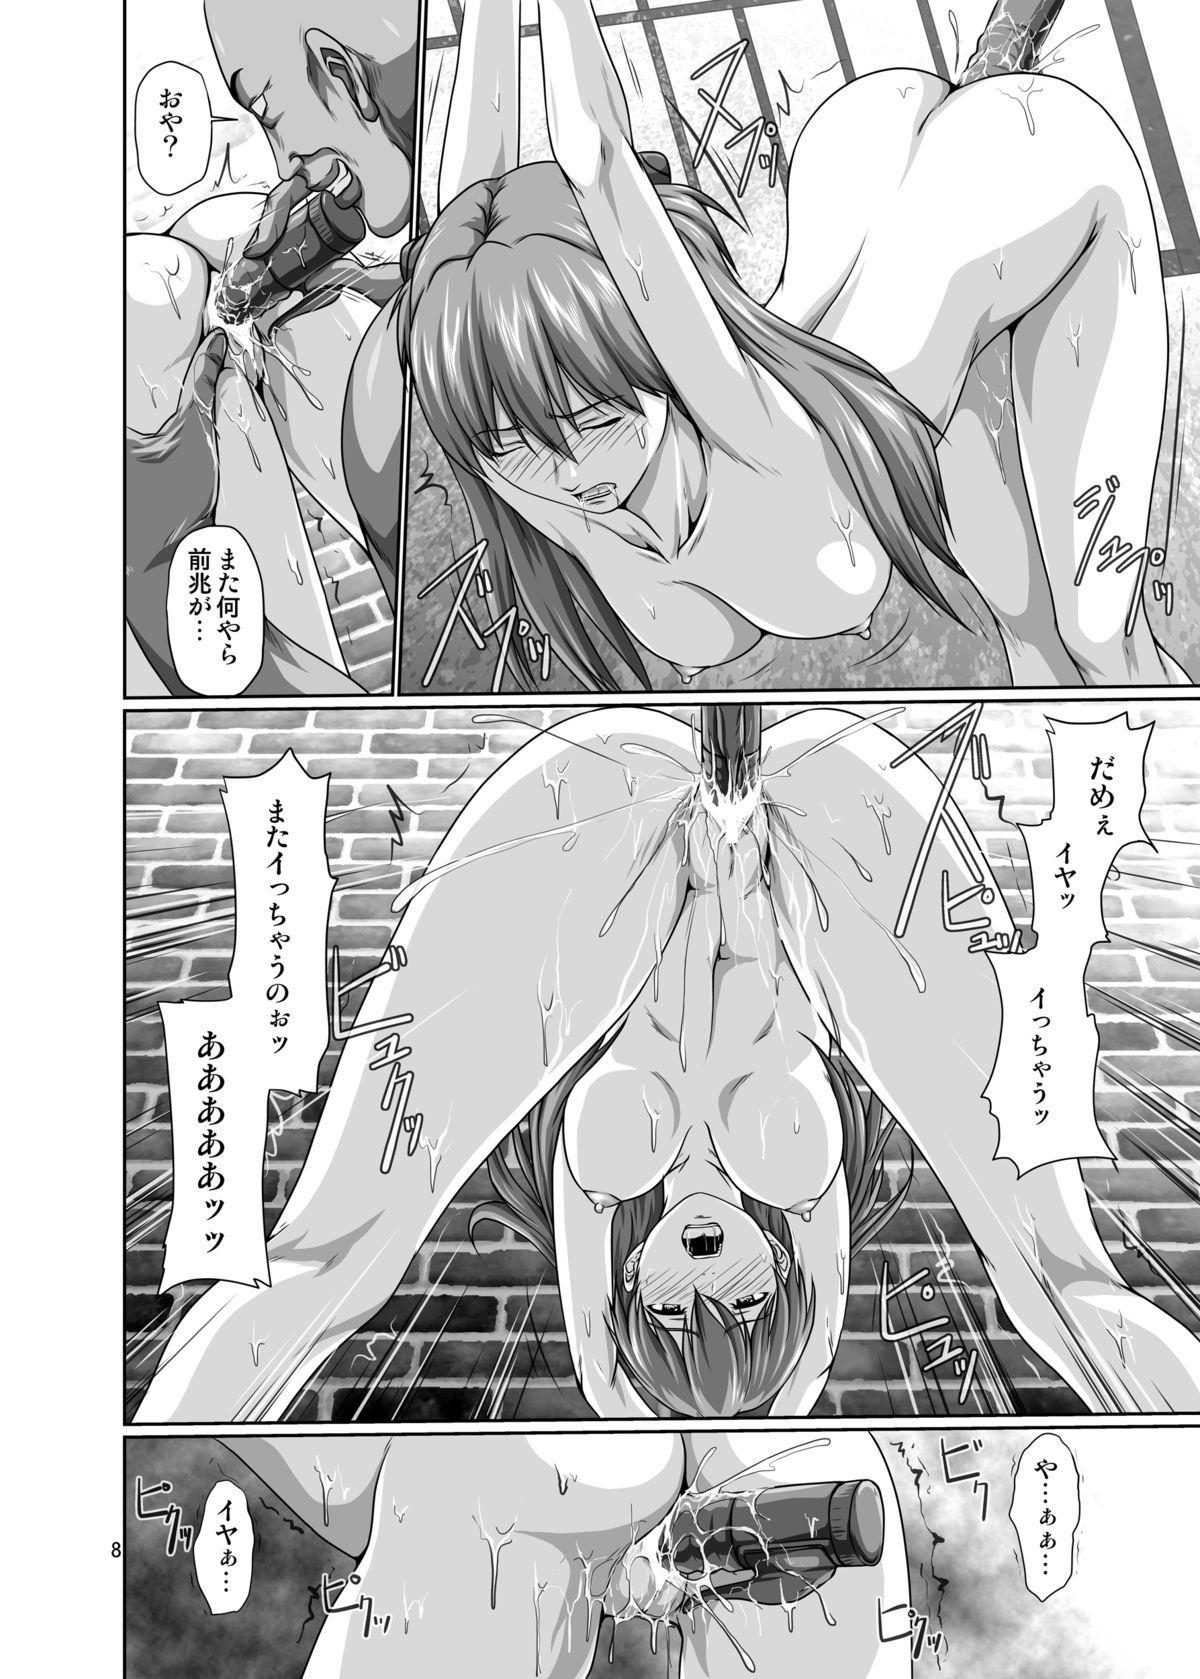 Seiteki Yokkyuu Hokan Keikaku San 6